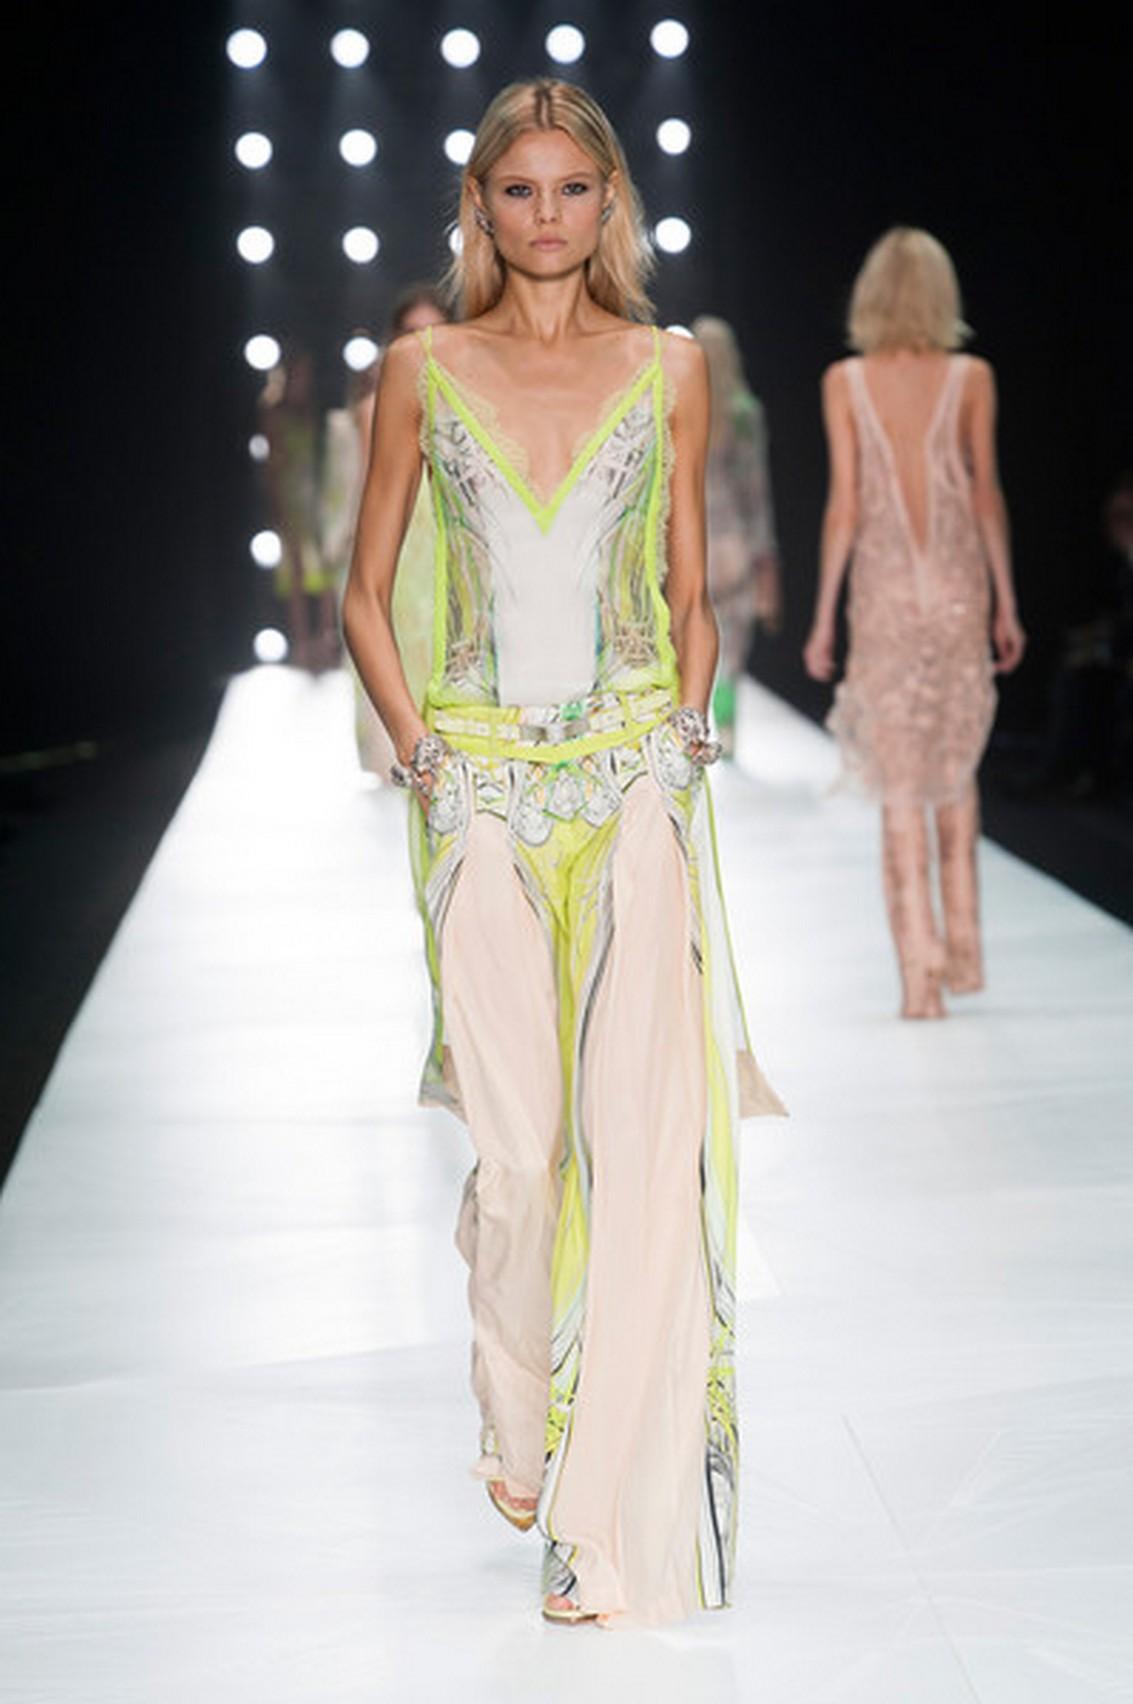 Roberto Cavalli 2014 milan fashion week Day 3 and 4 Highlights, Milan Fashion Week, Spring Summer 2014 Roberto Cavalli Spring Summer 2014 3